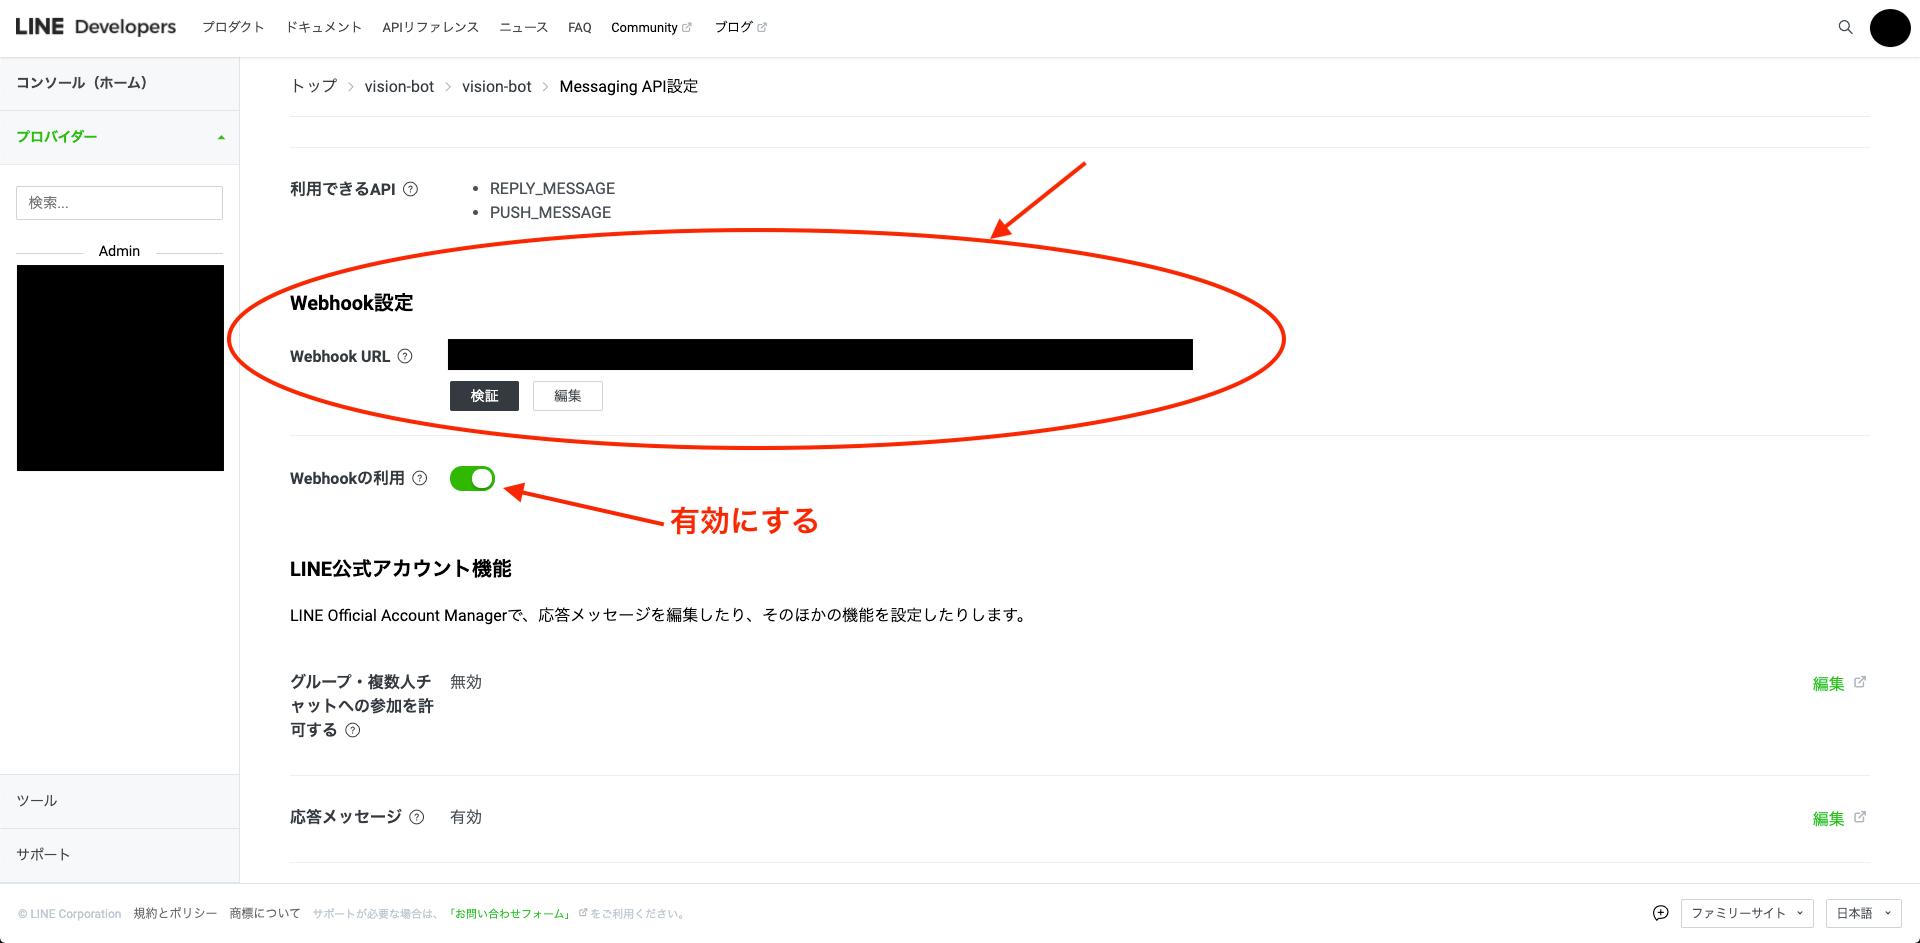 スクリーンショット 2020-11-04 14.48.12.png